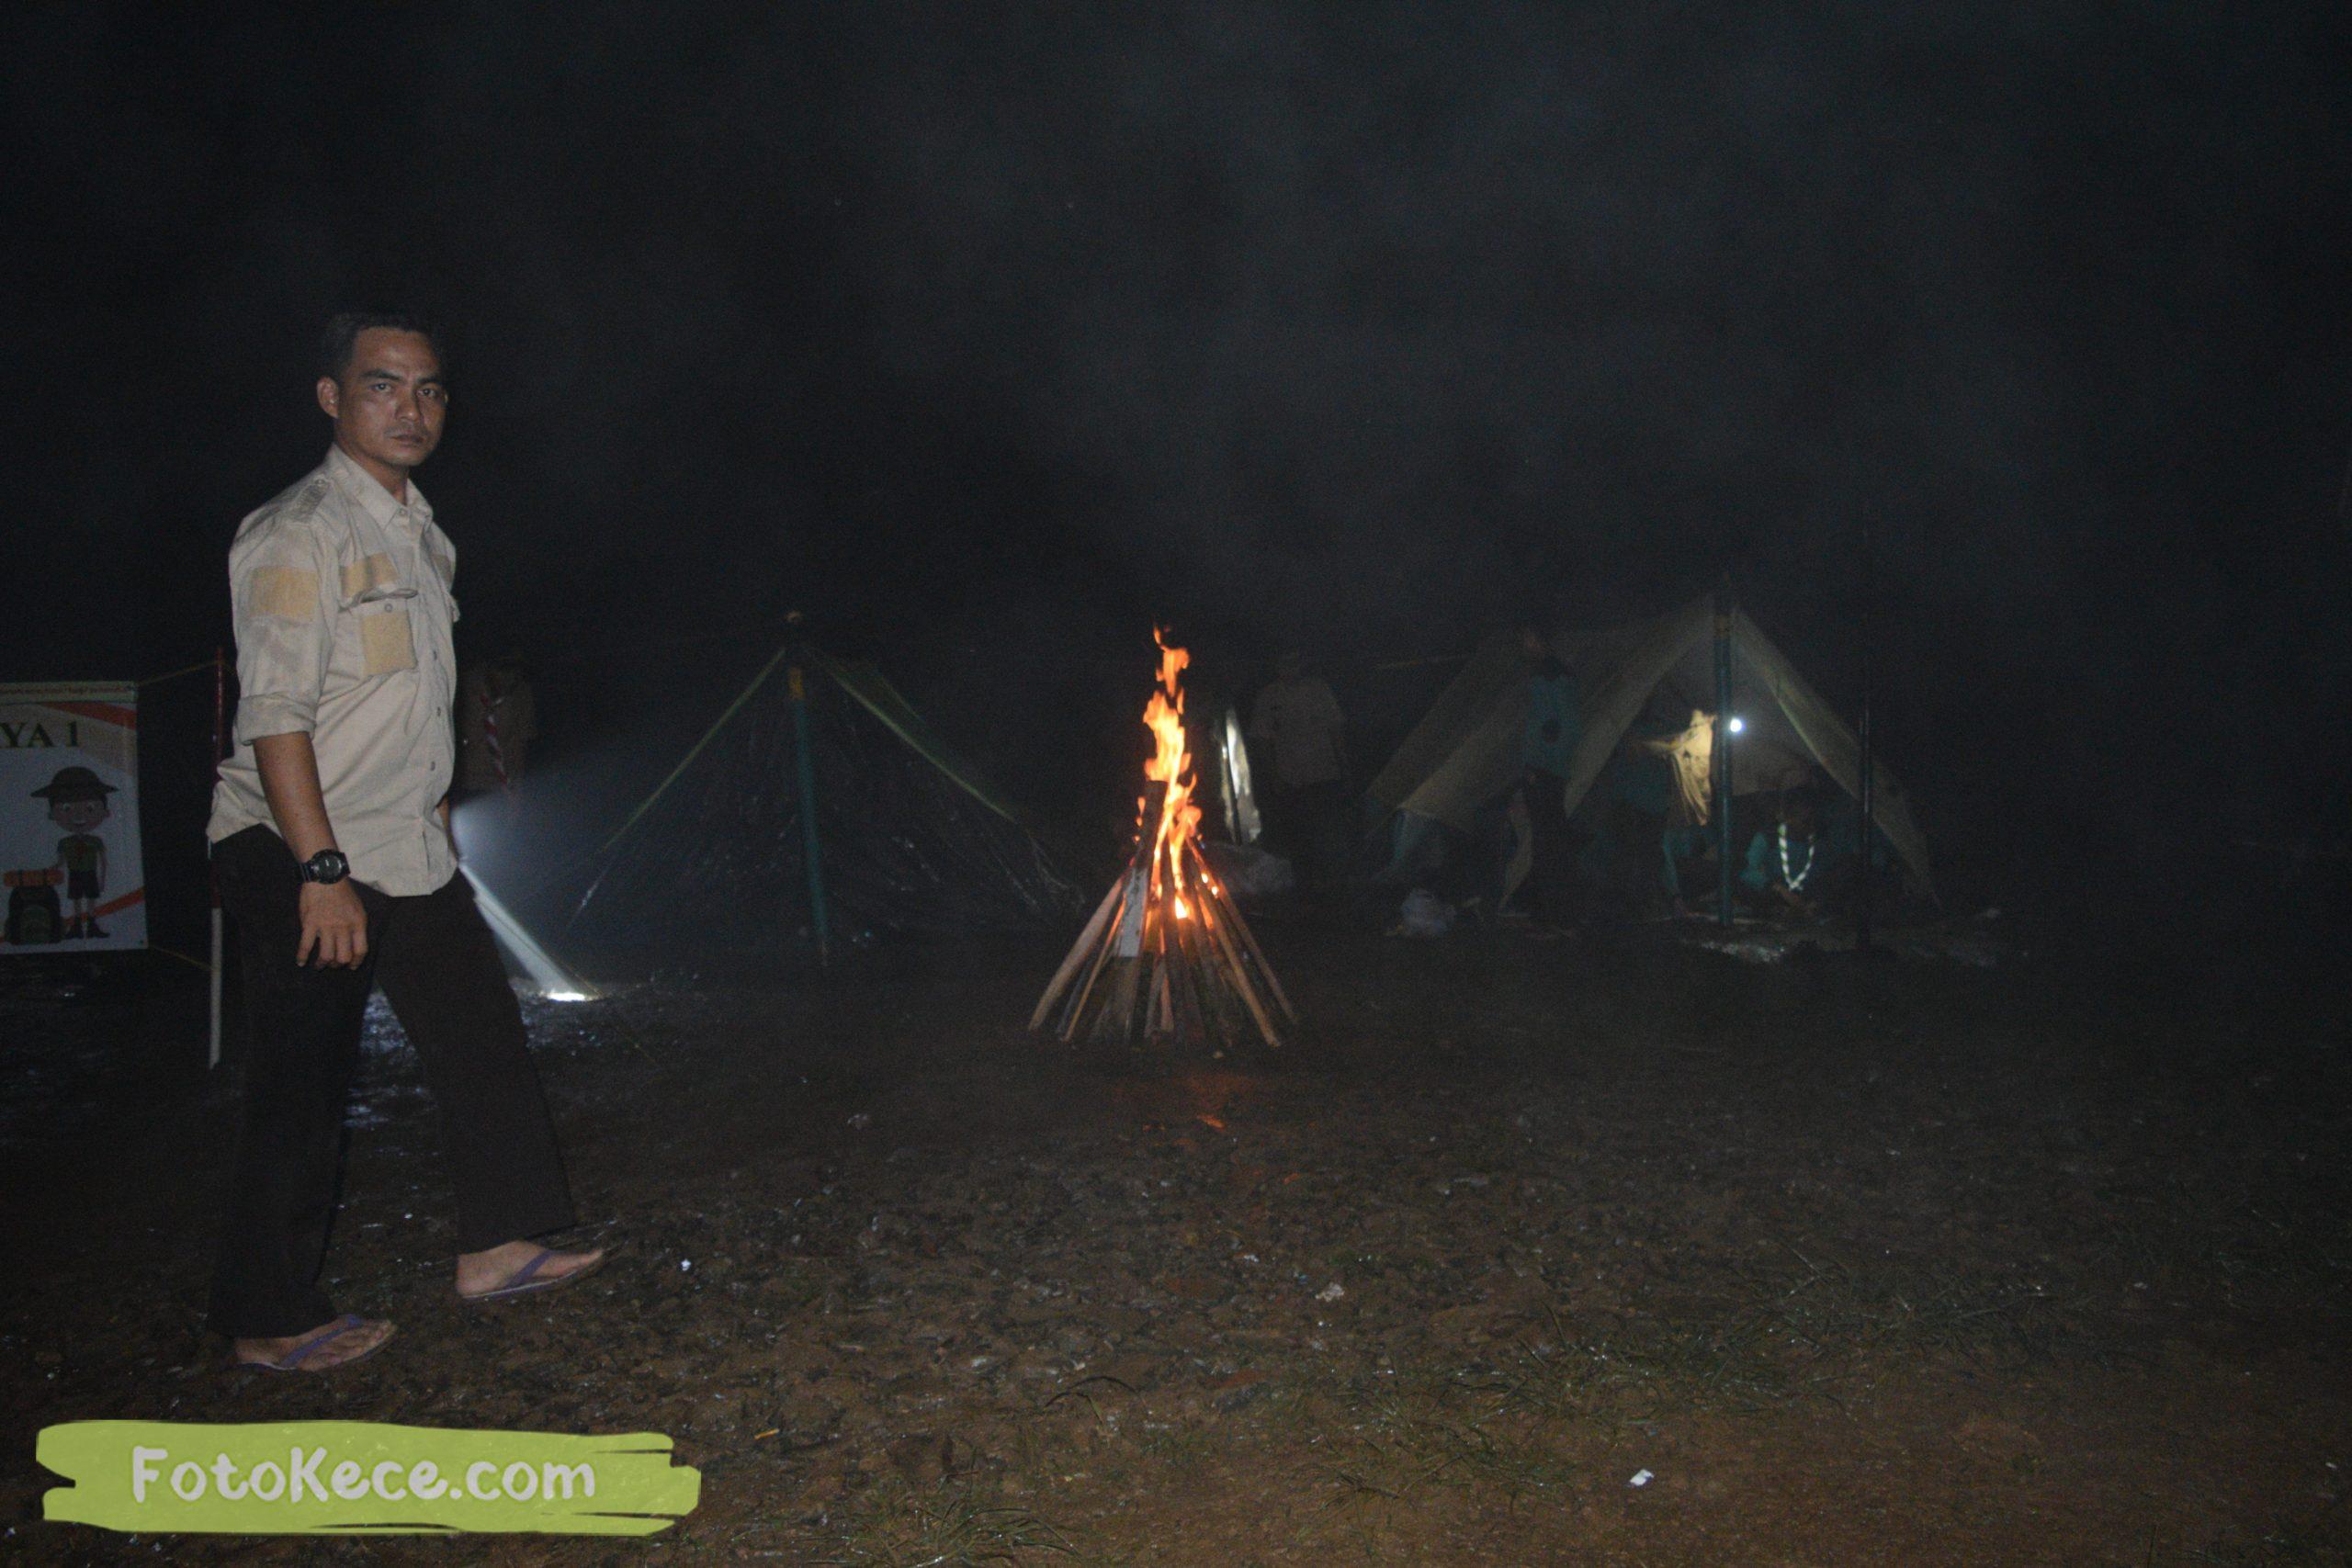 kegiatan sore malam perkemahan narakarya 1 mtsn 2 sukabumi 24 25 januari 2020 pramuka hebat puncak buluh foto kece 76 scaled